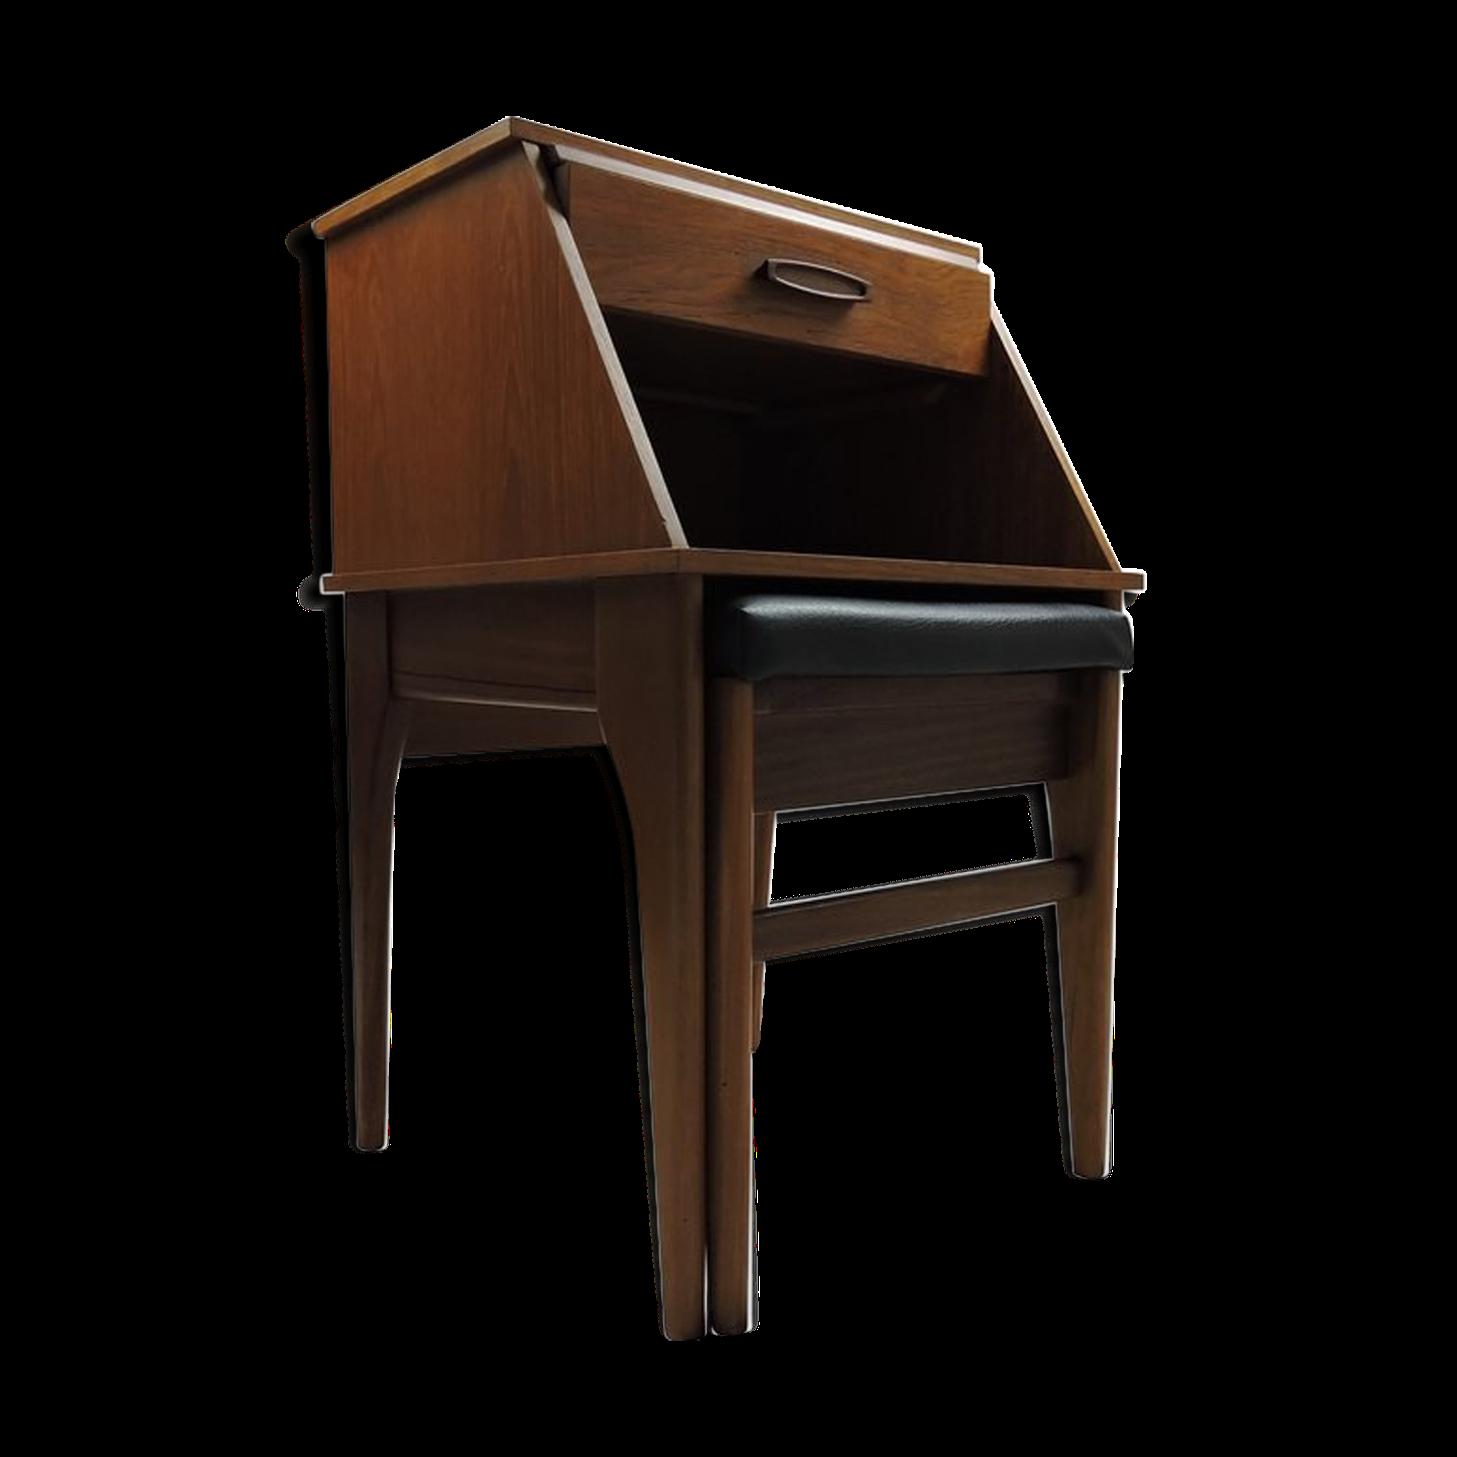 banc scolaire banc lames structure banc scolaire indigo banc scolaire bois avec dossier. Black Bedroom Furniture Sets. Home Design Ideas